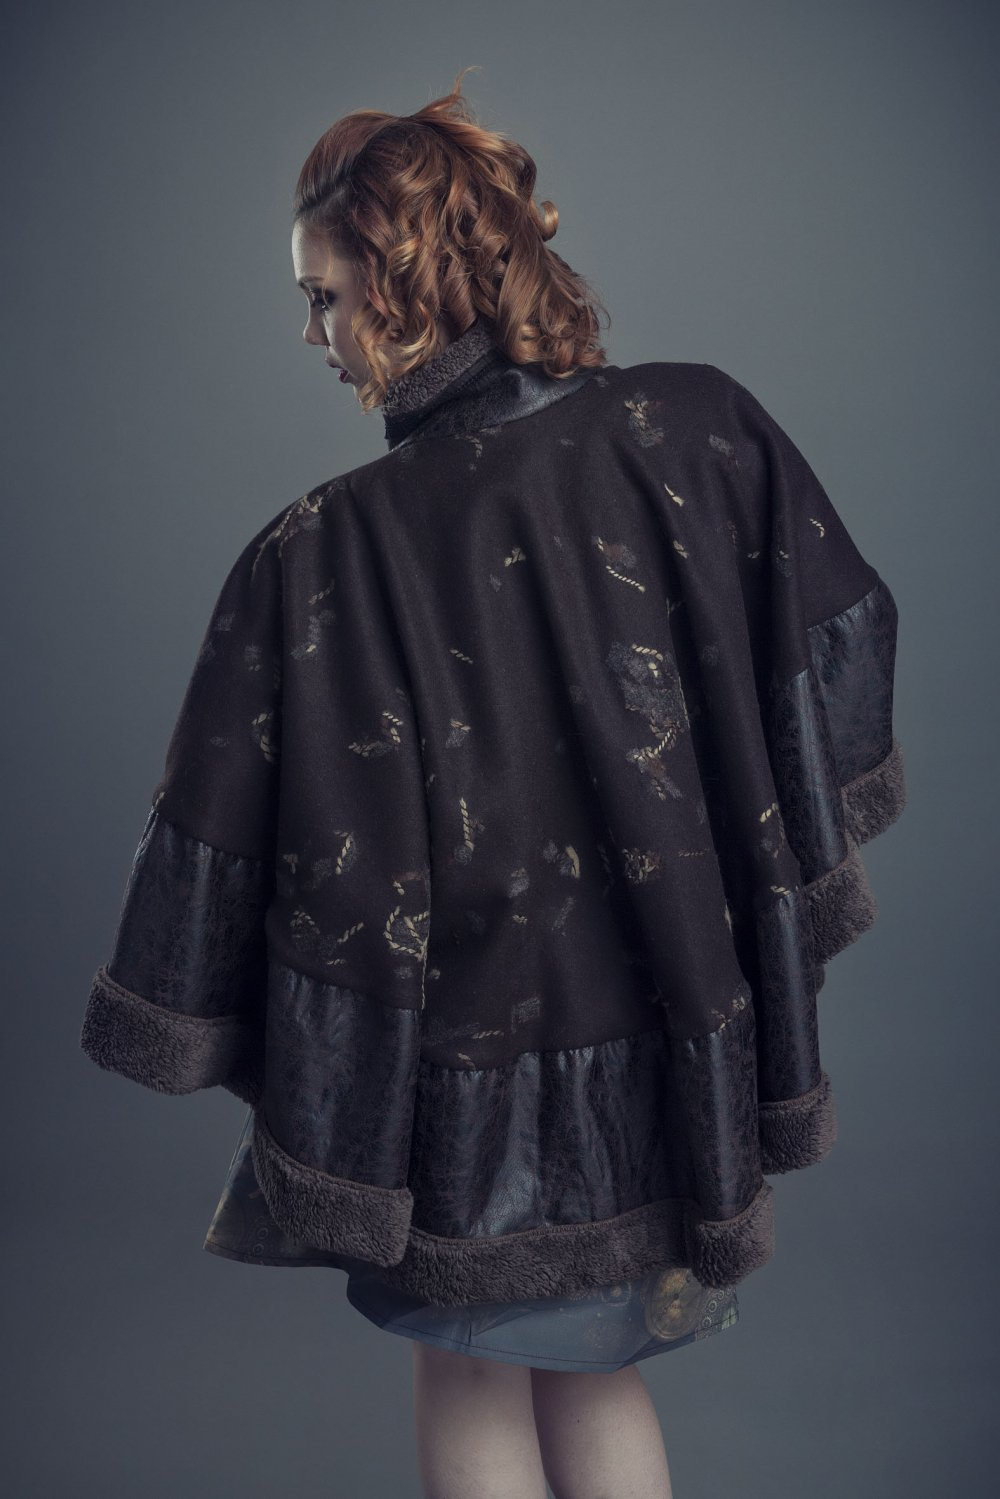 Cape en laine et peau lainée marron plus longue sur l'arrière fermée par une fermeture éclair avec un col montant bien chaud pour l'hiver--9995983629717